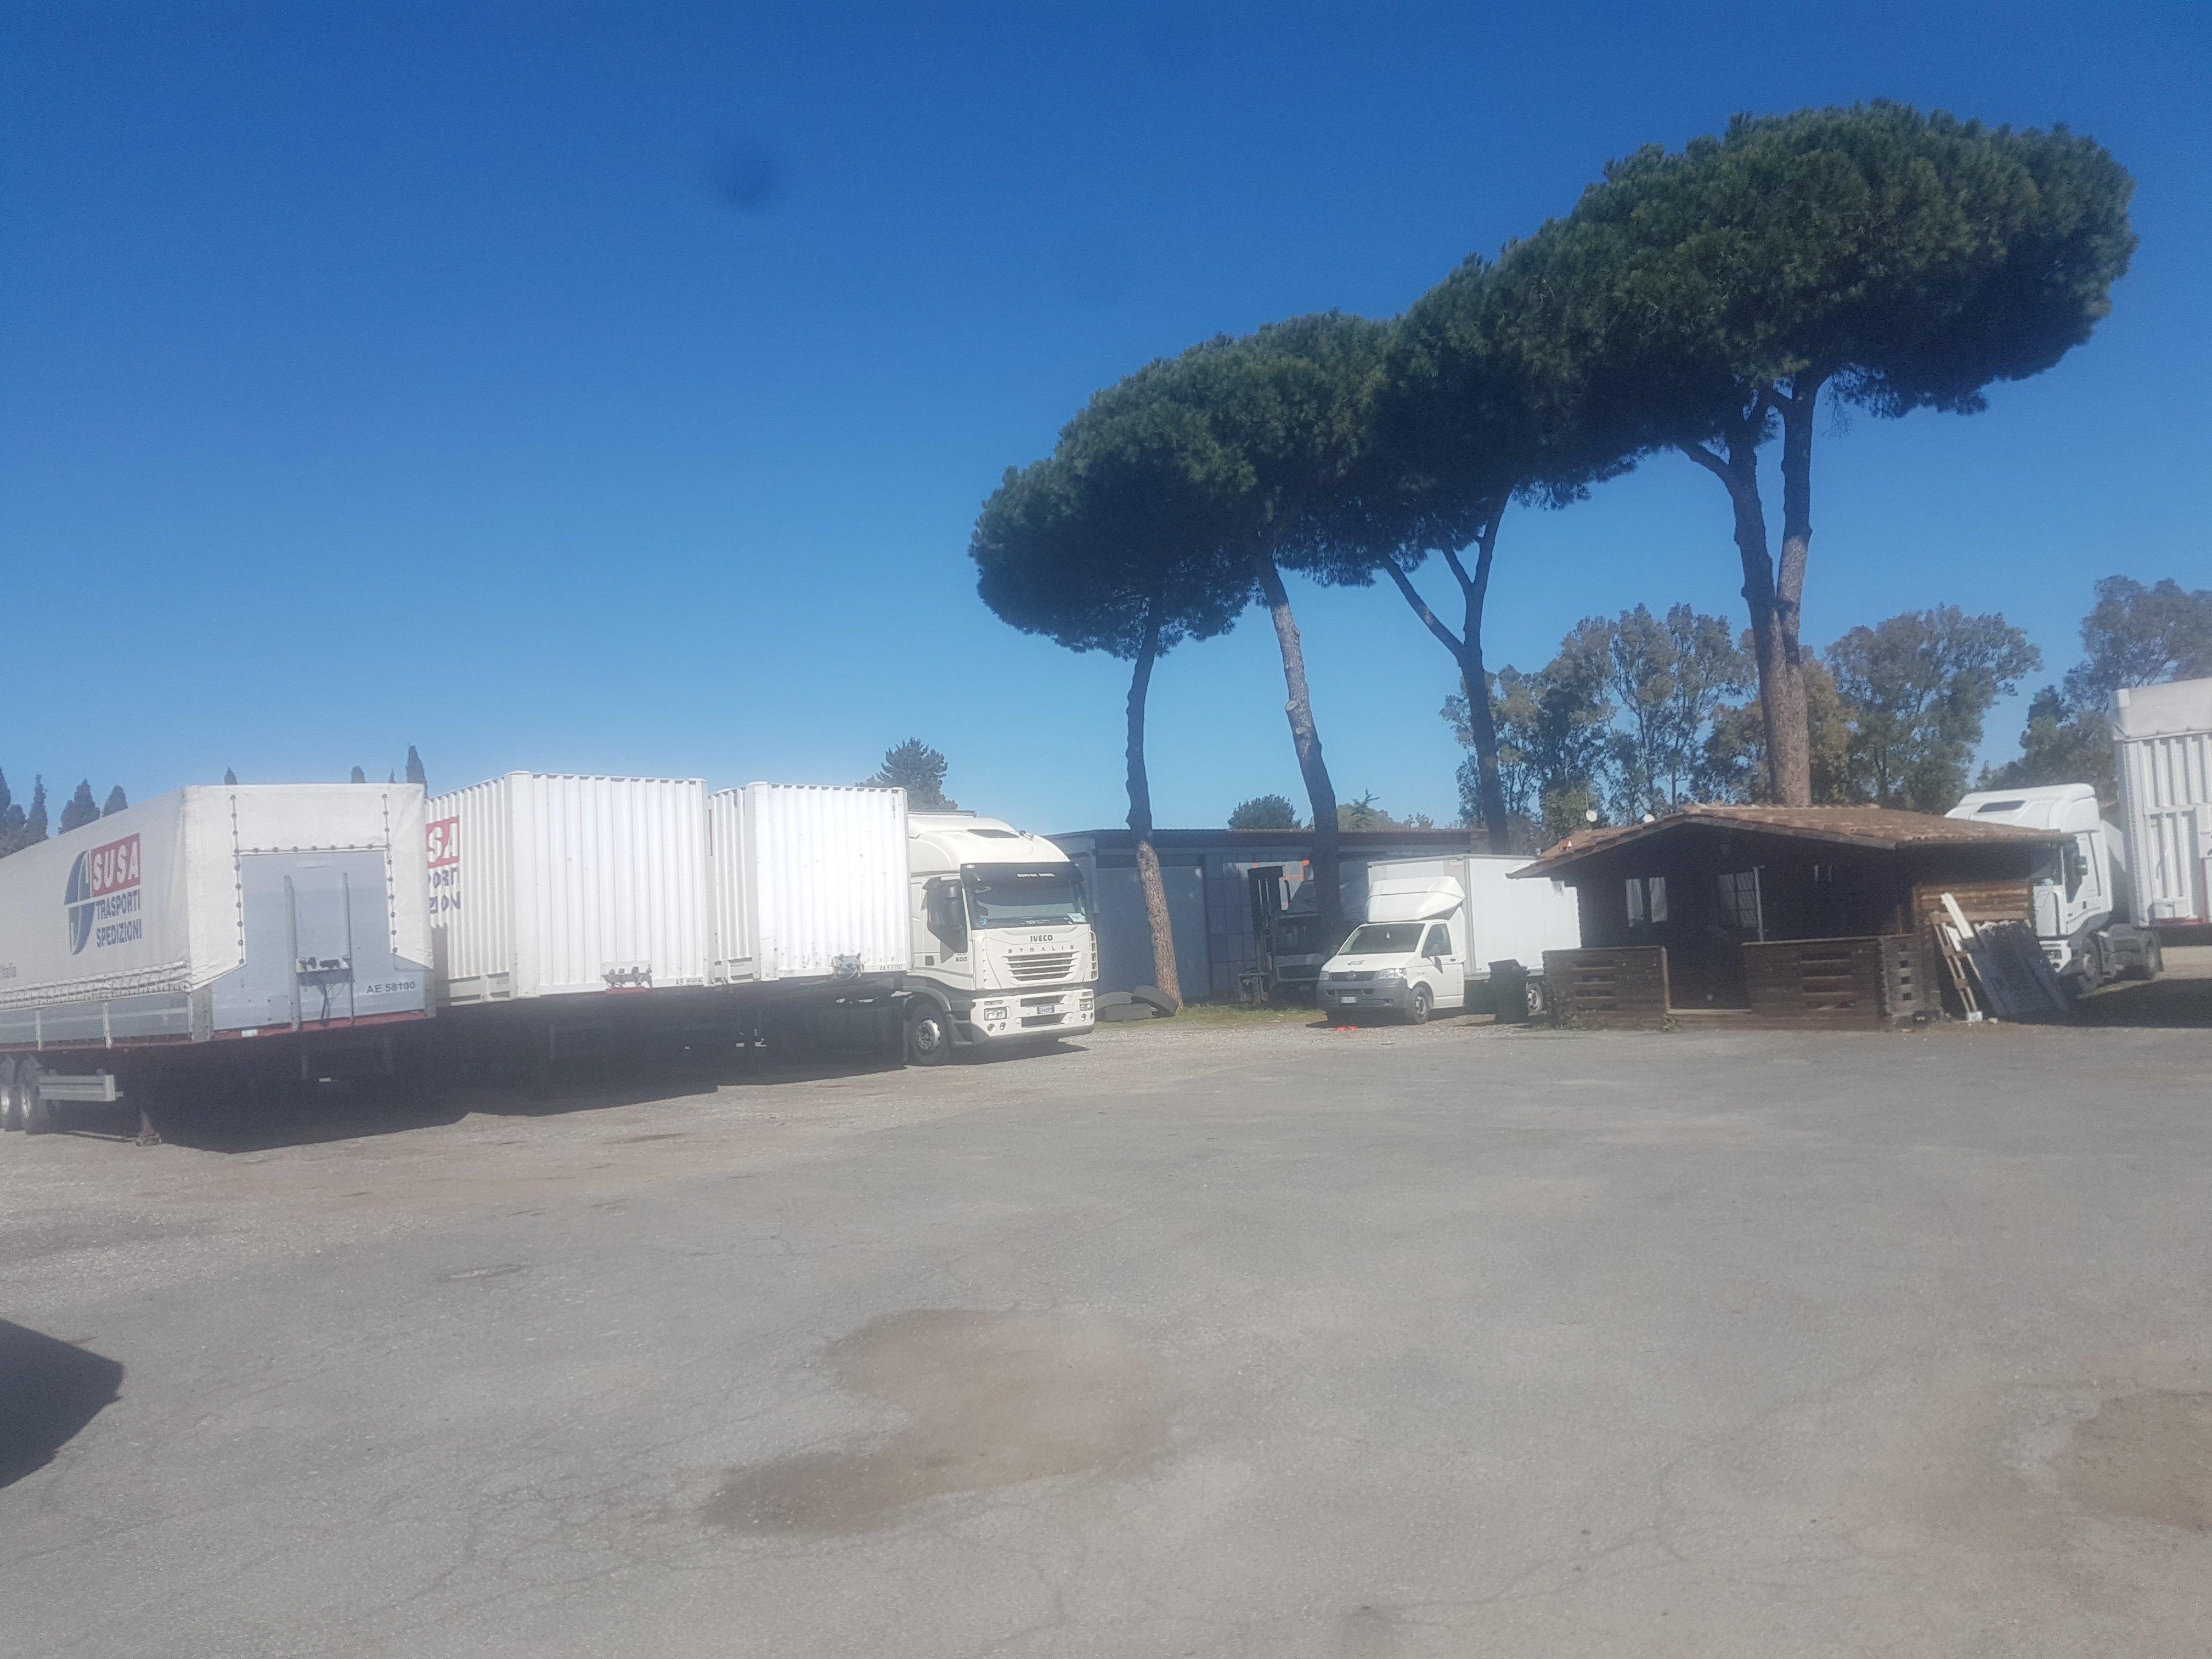 vista di camion parcheggio con alberi